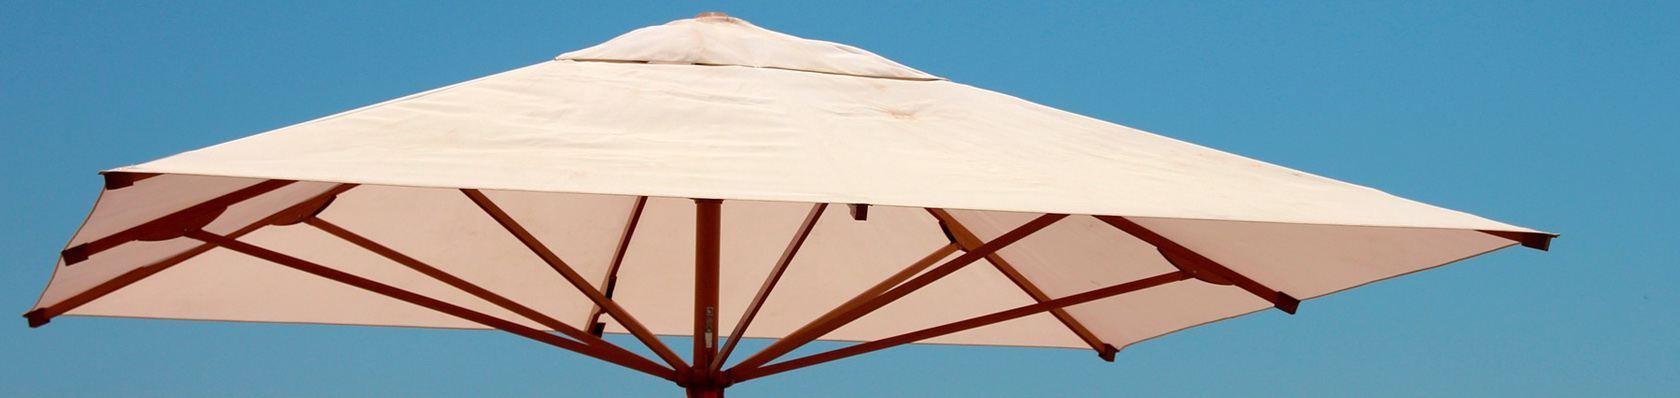 Sonnenschirme 300 cm Ø im Test auf ExpertenTesten.de